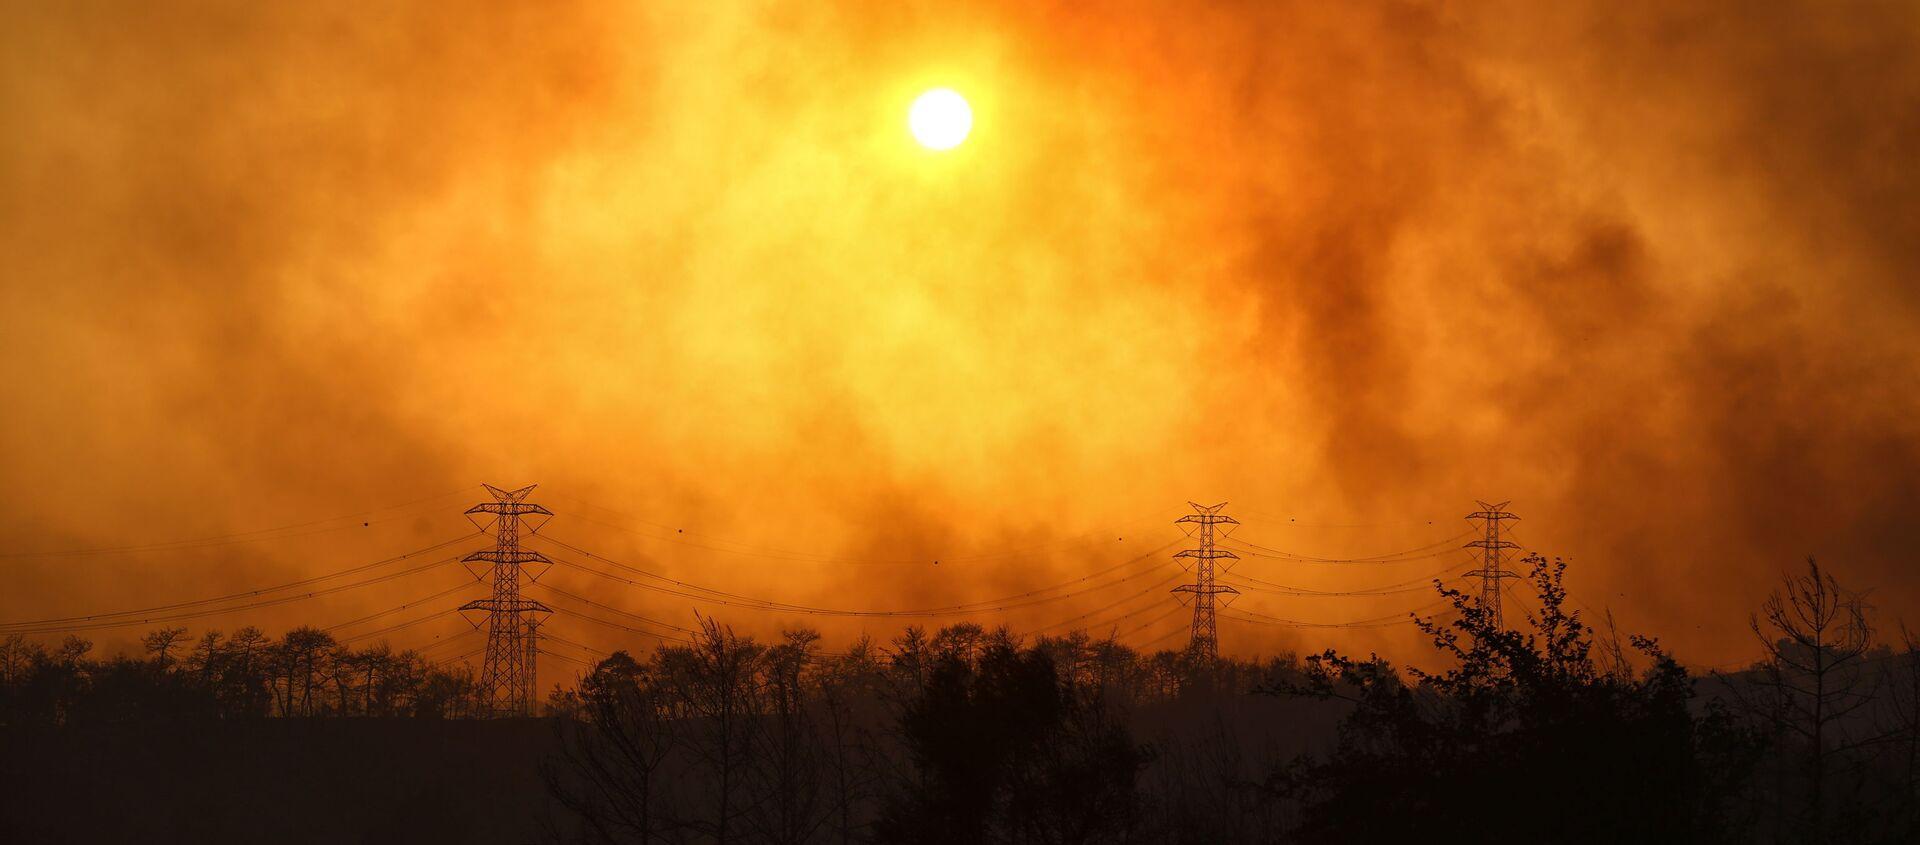 Manavgat yakınlarındaki orman yangınından yükselen dumanlar. - Sputnik Türkiye, 1920